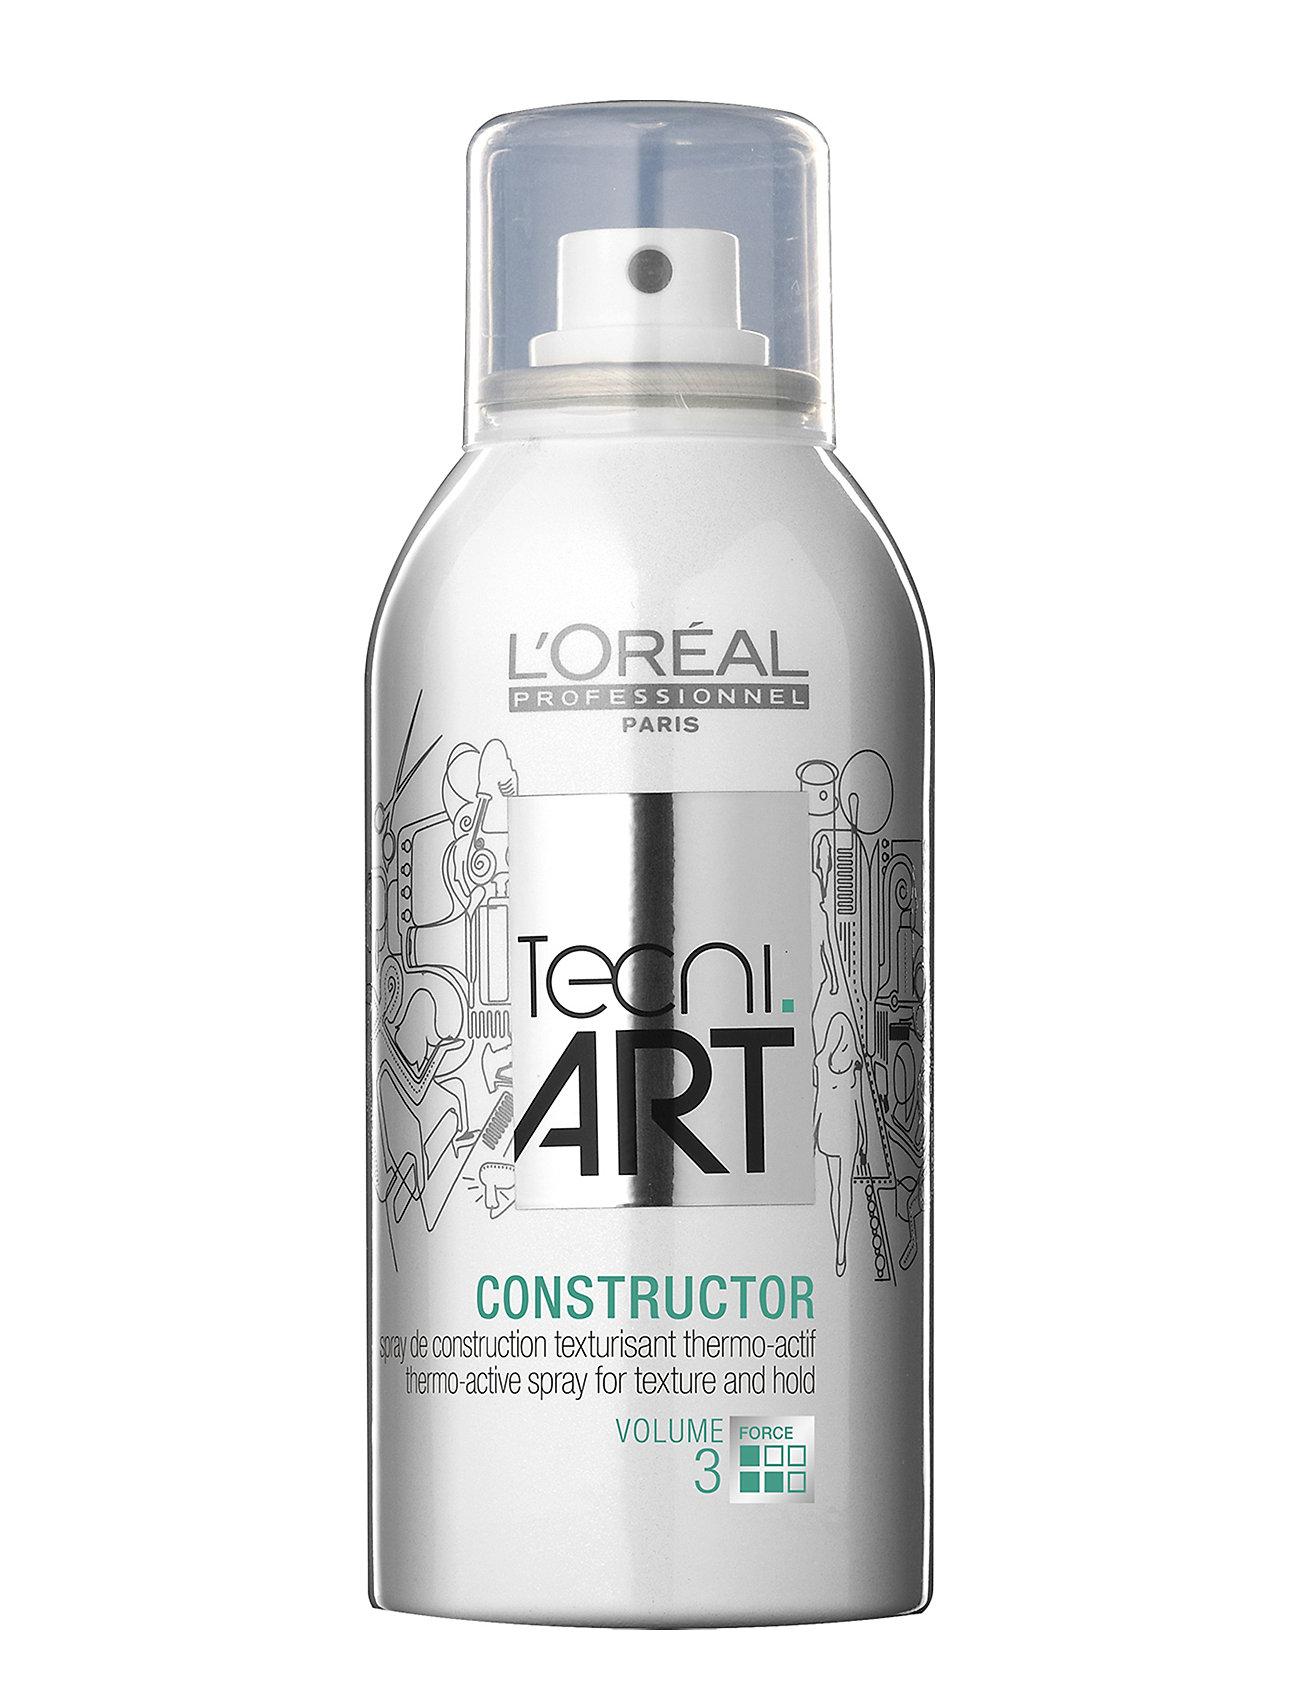 L'OréAl Professionnel Volume Constructor - L'Oréal Professionnel